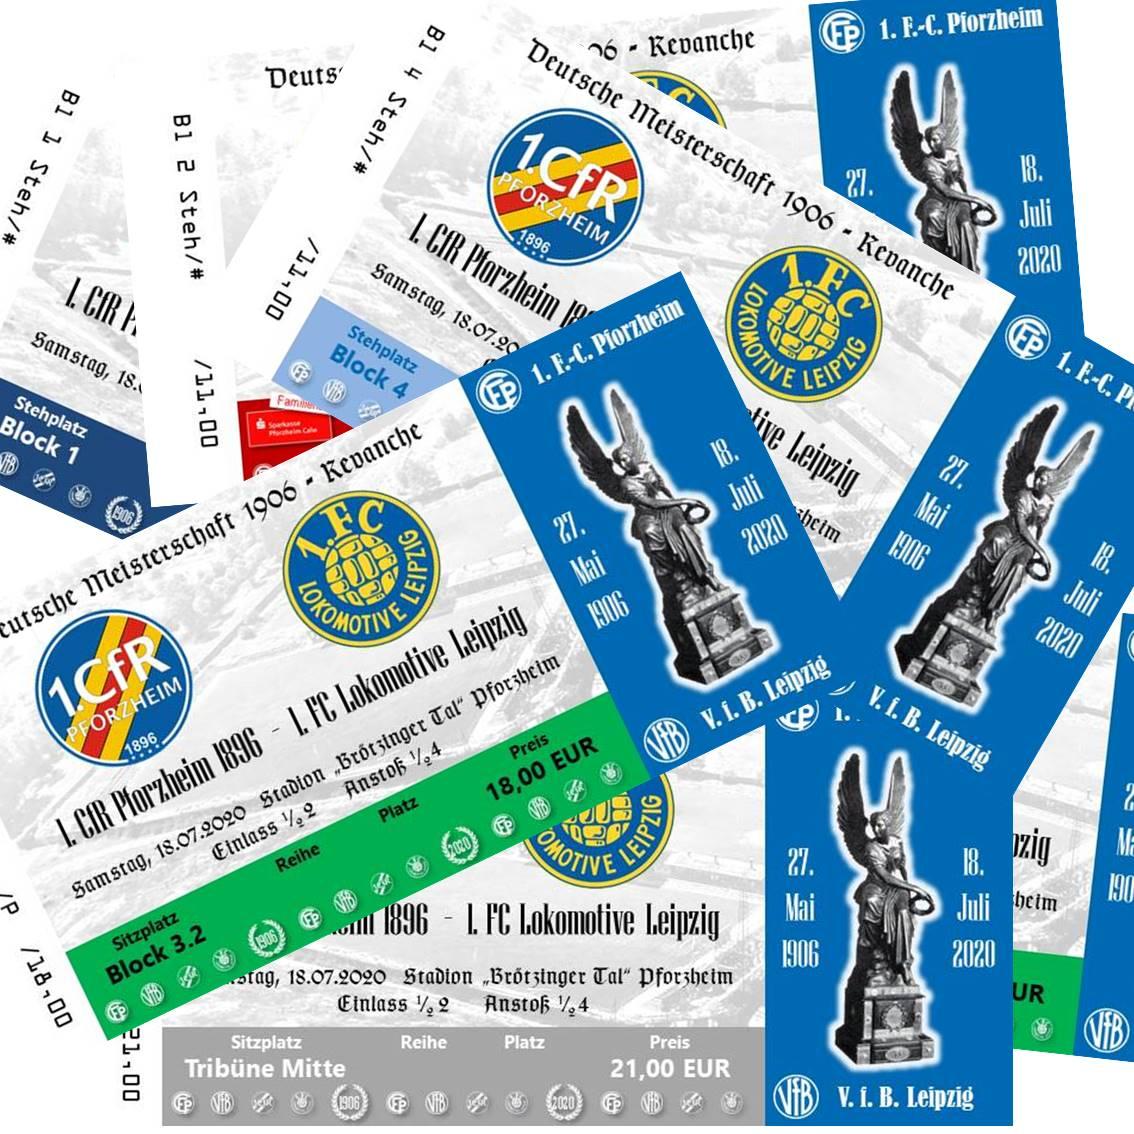 Eröffnungsspiel gegen Leipzig: Vorverkauf beginnt jetzt